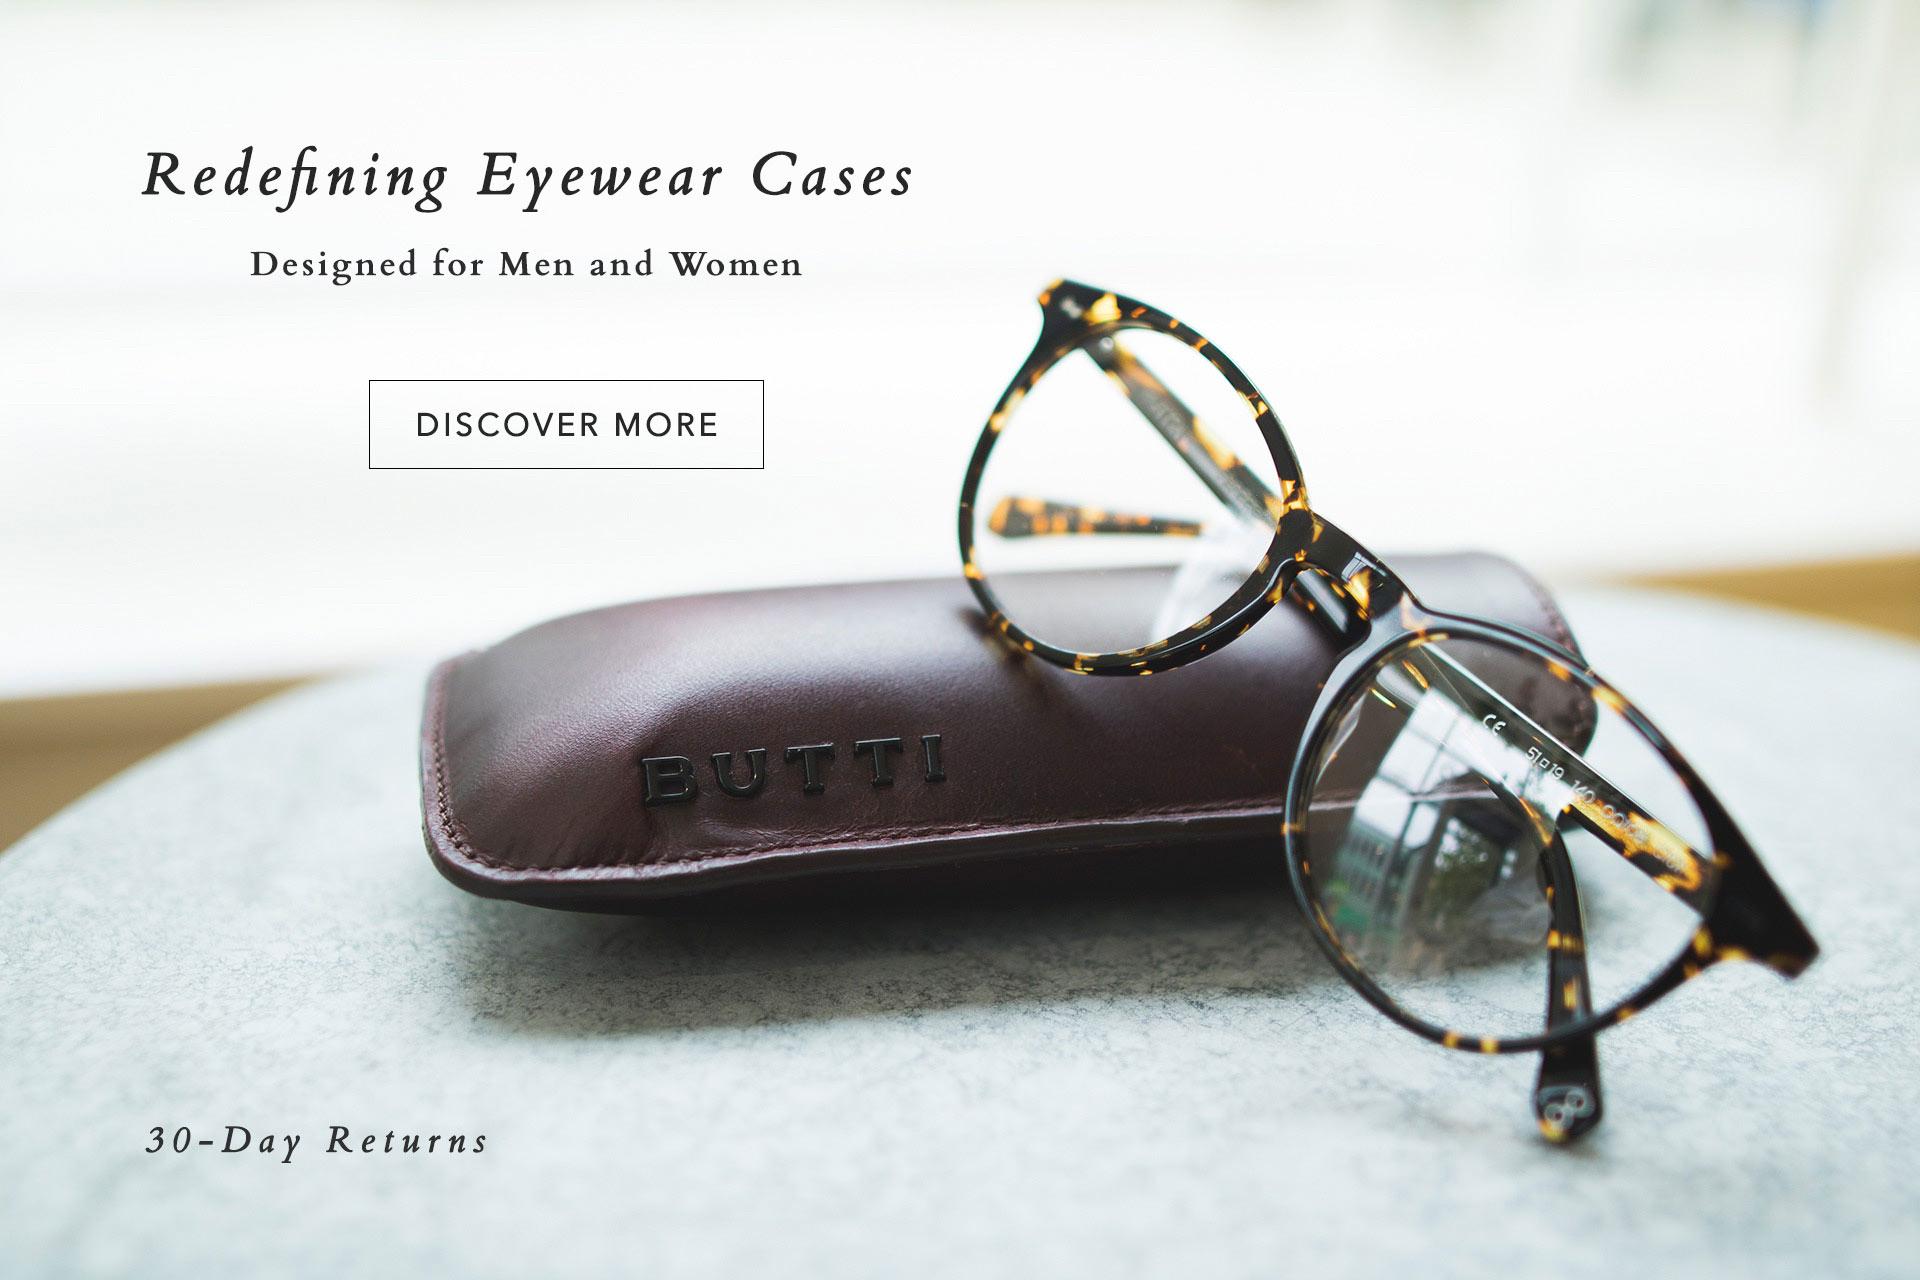 Redefining Eyewear Cases